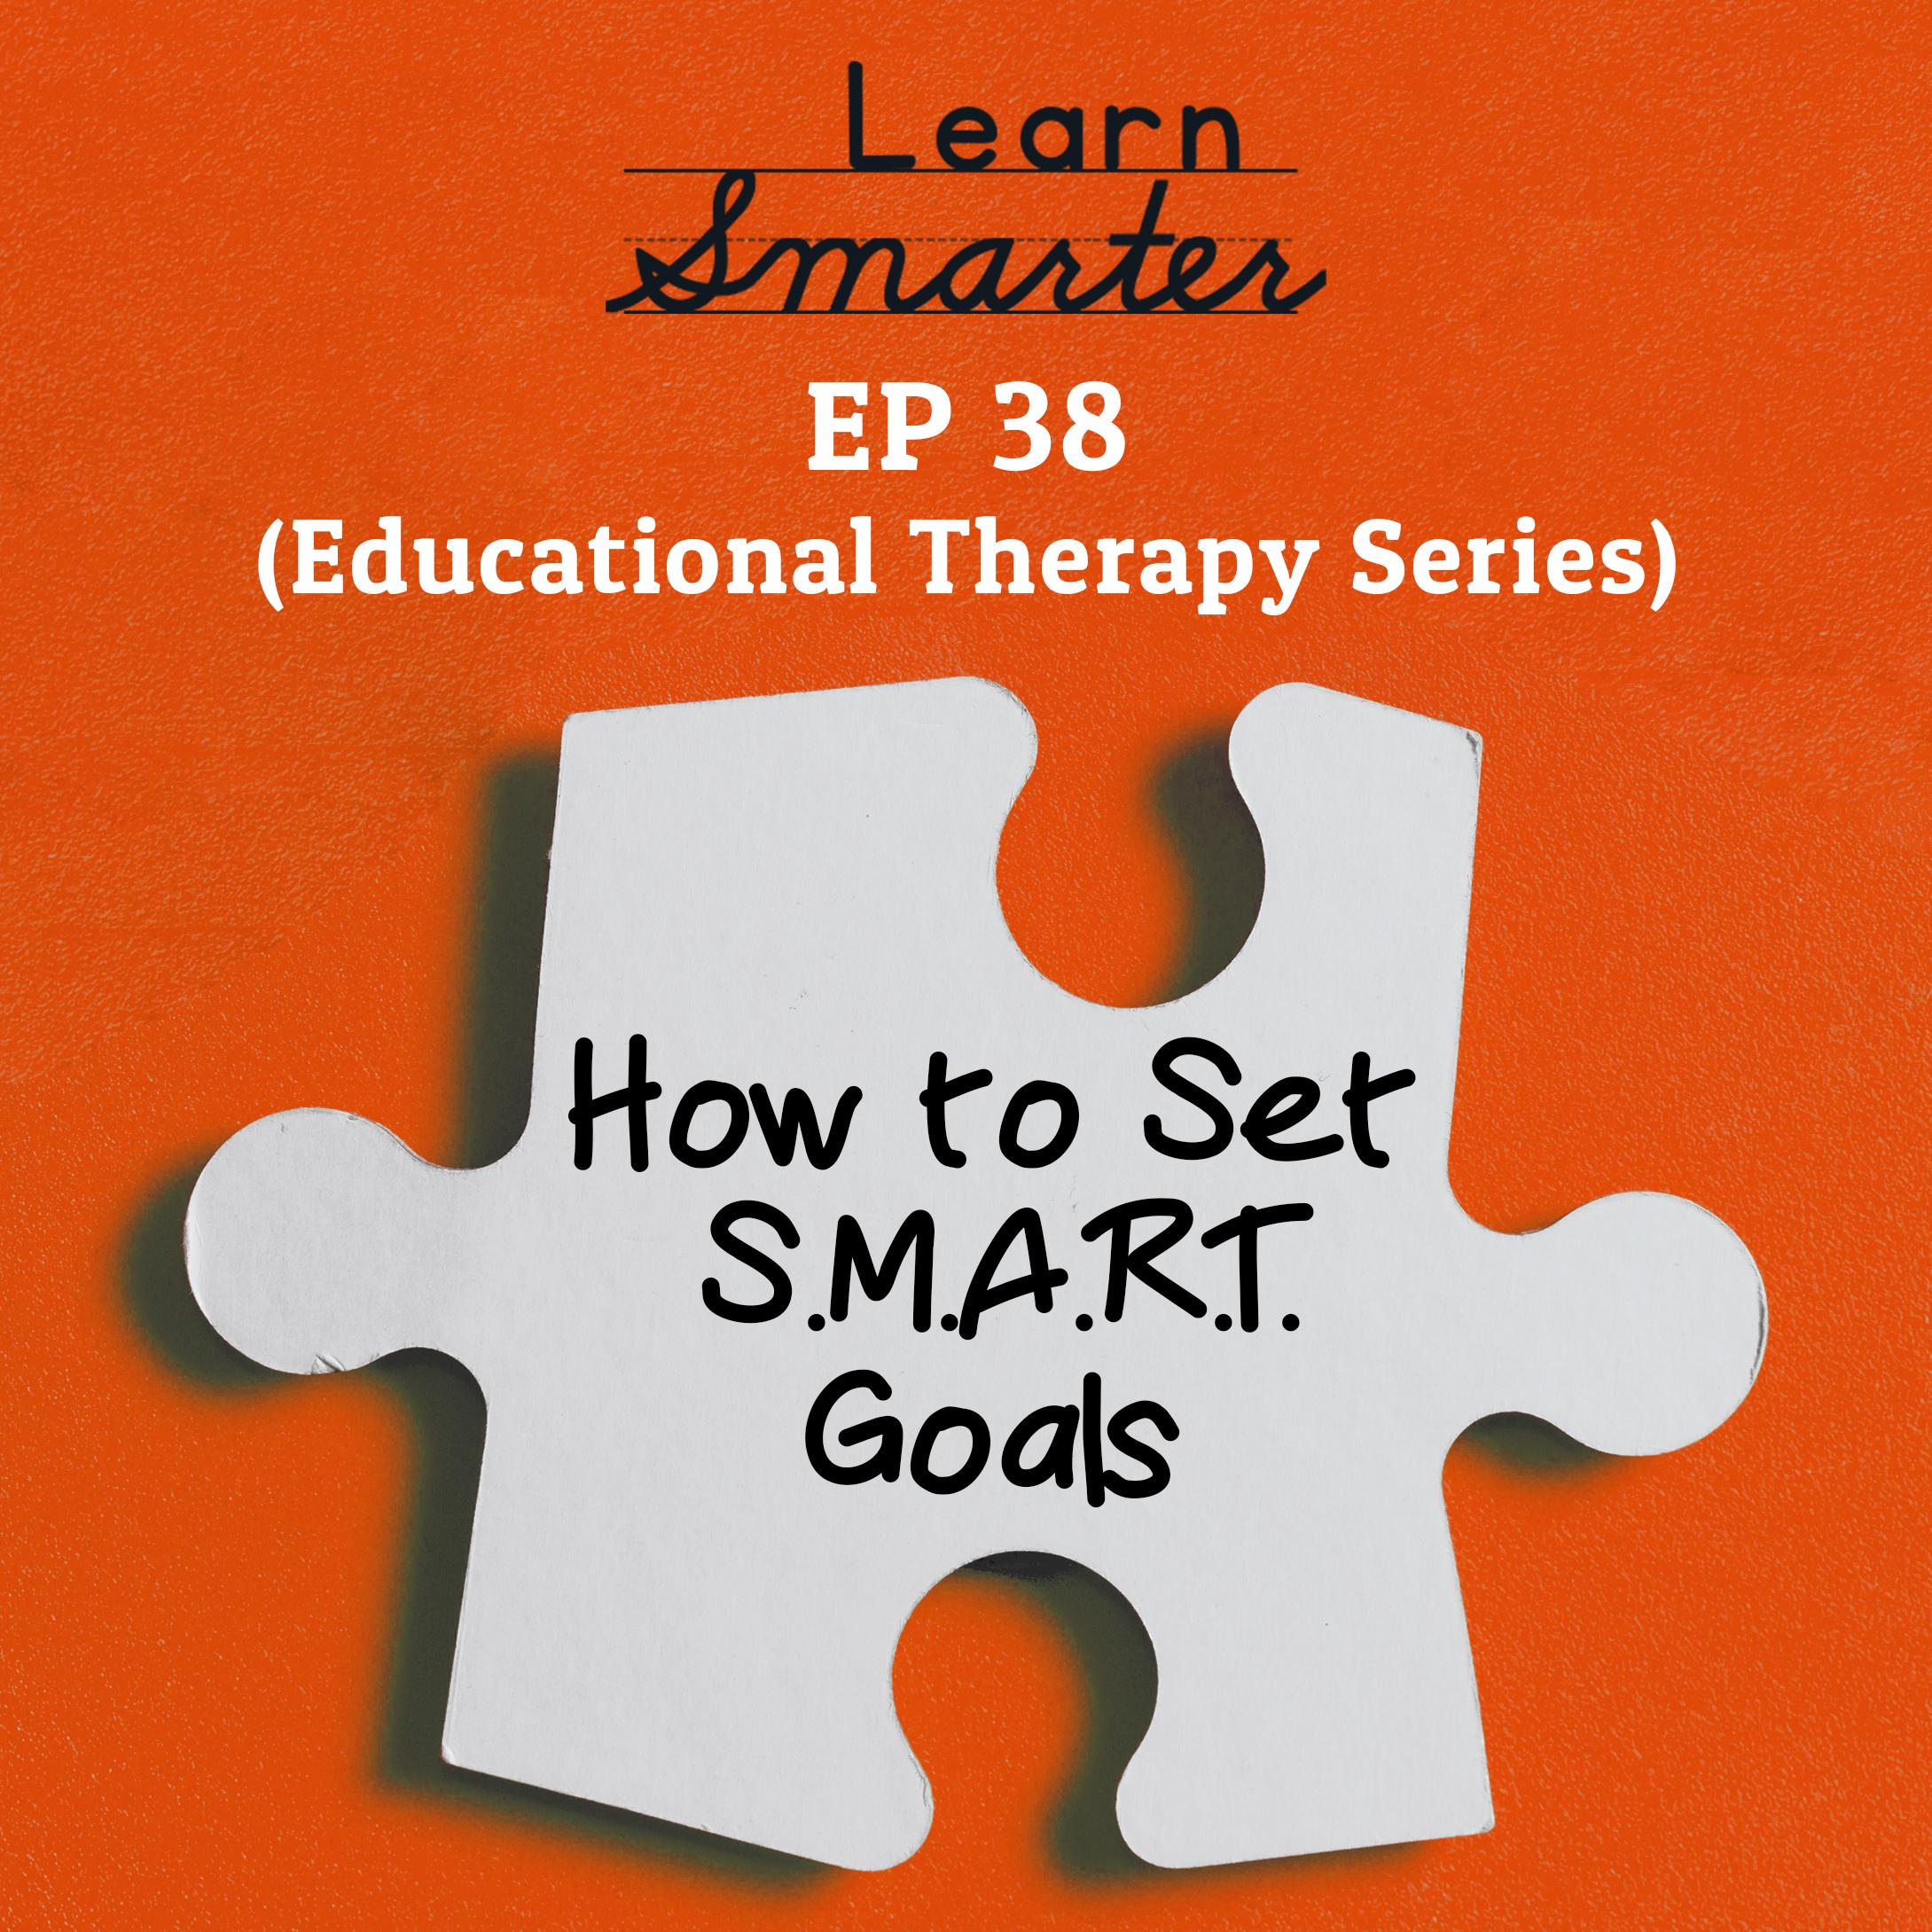 38: How to Set SMART Goals